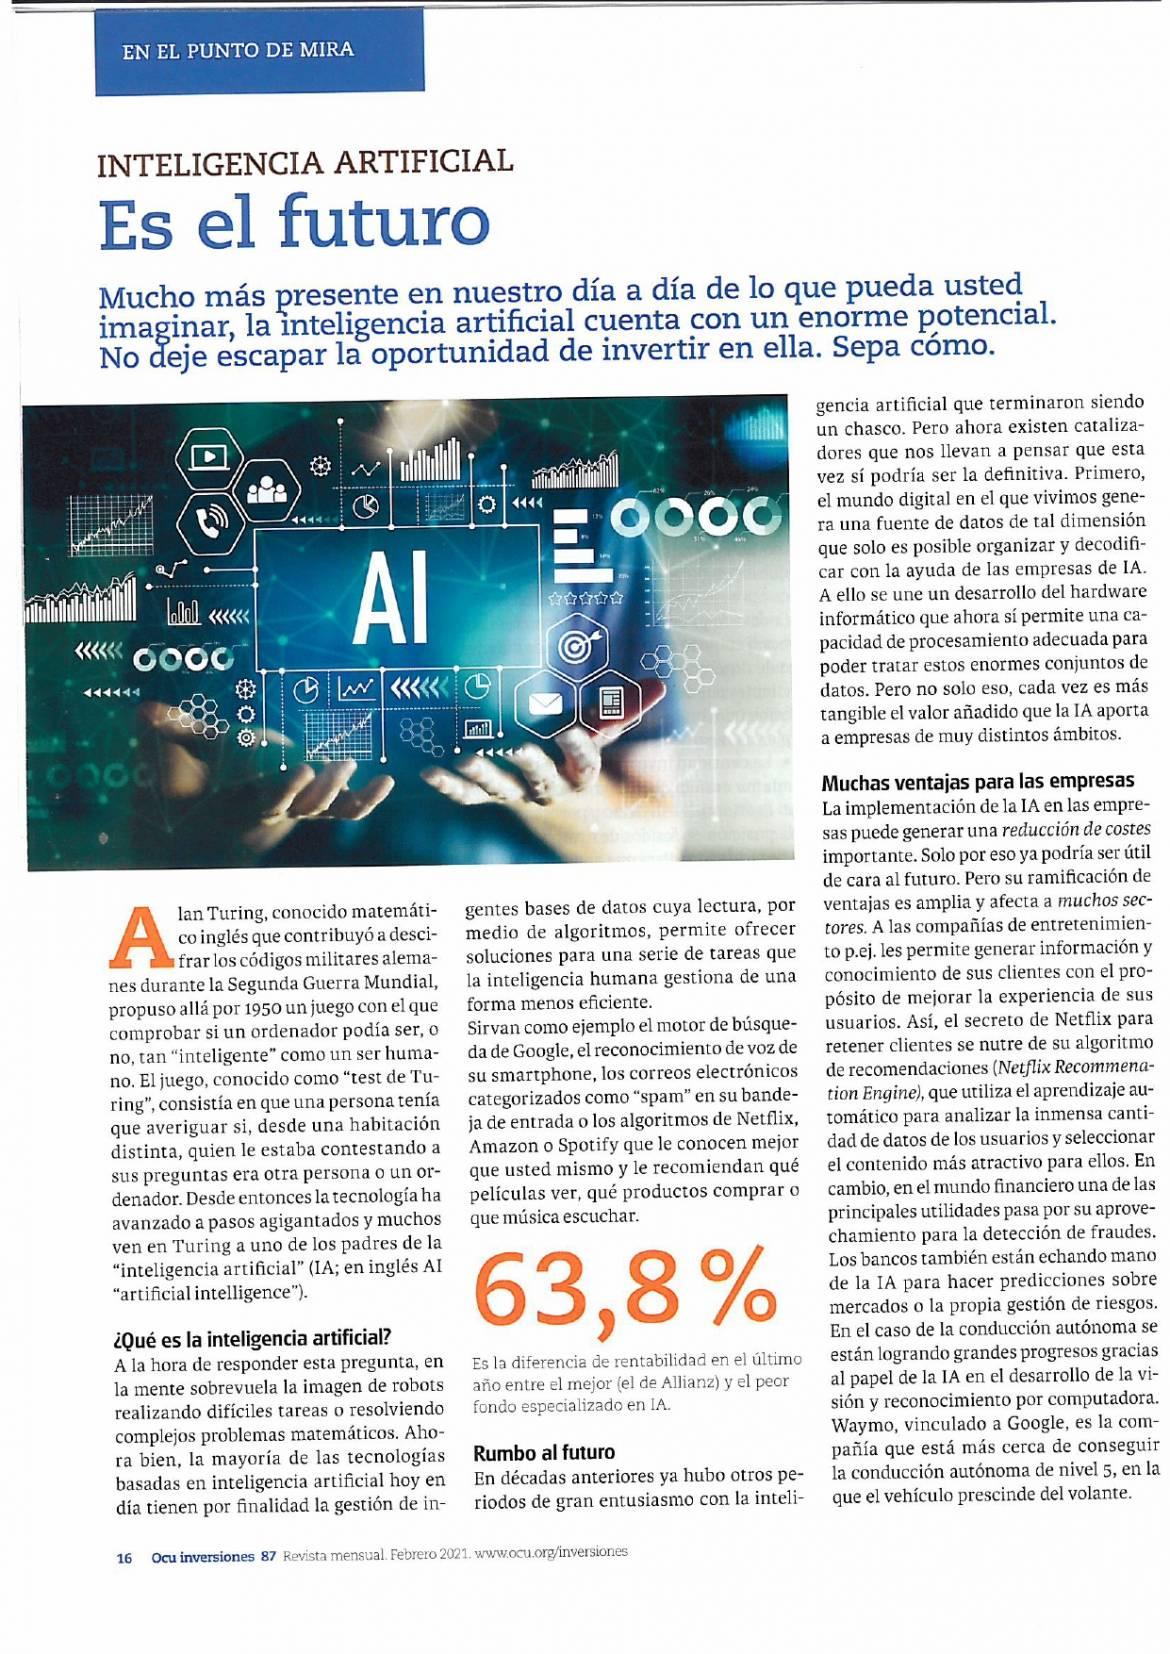 FONDOS DE INVERSION EN I.A., el favorito segun la revista OCU.